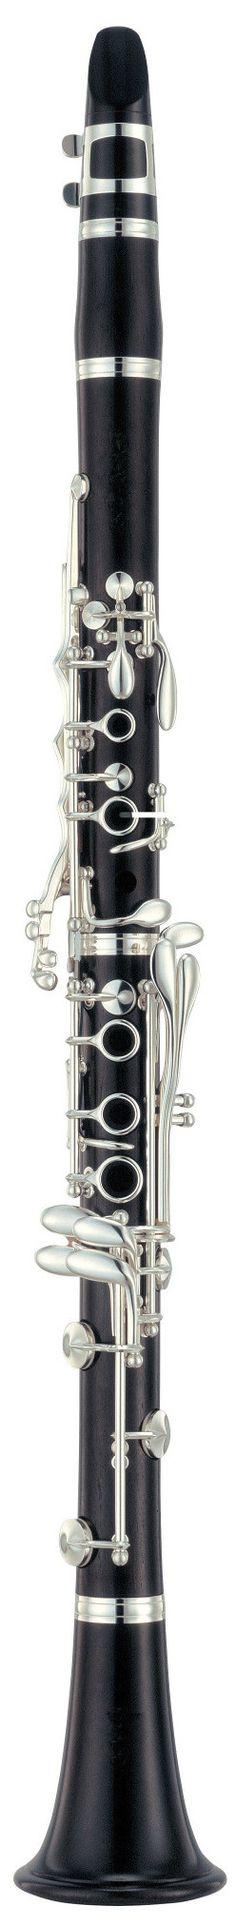 Clarinet Information Site